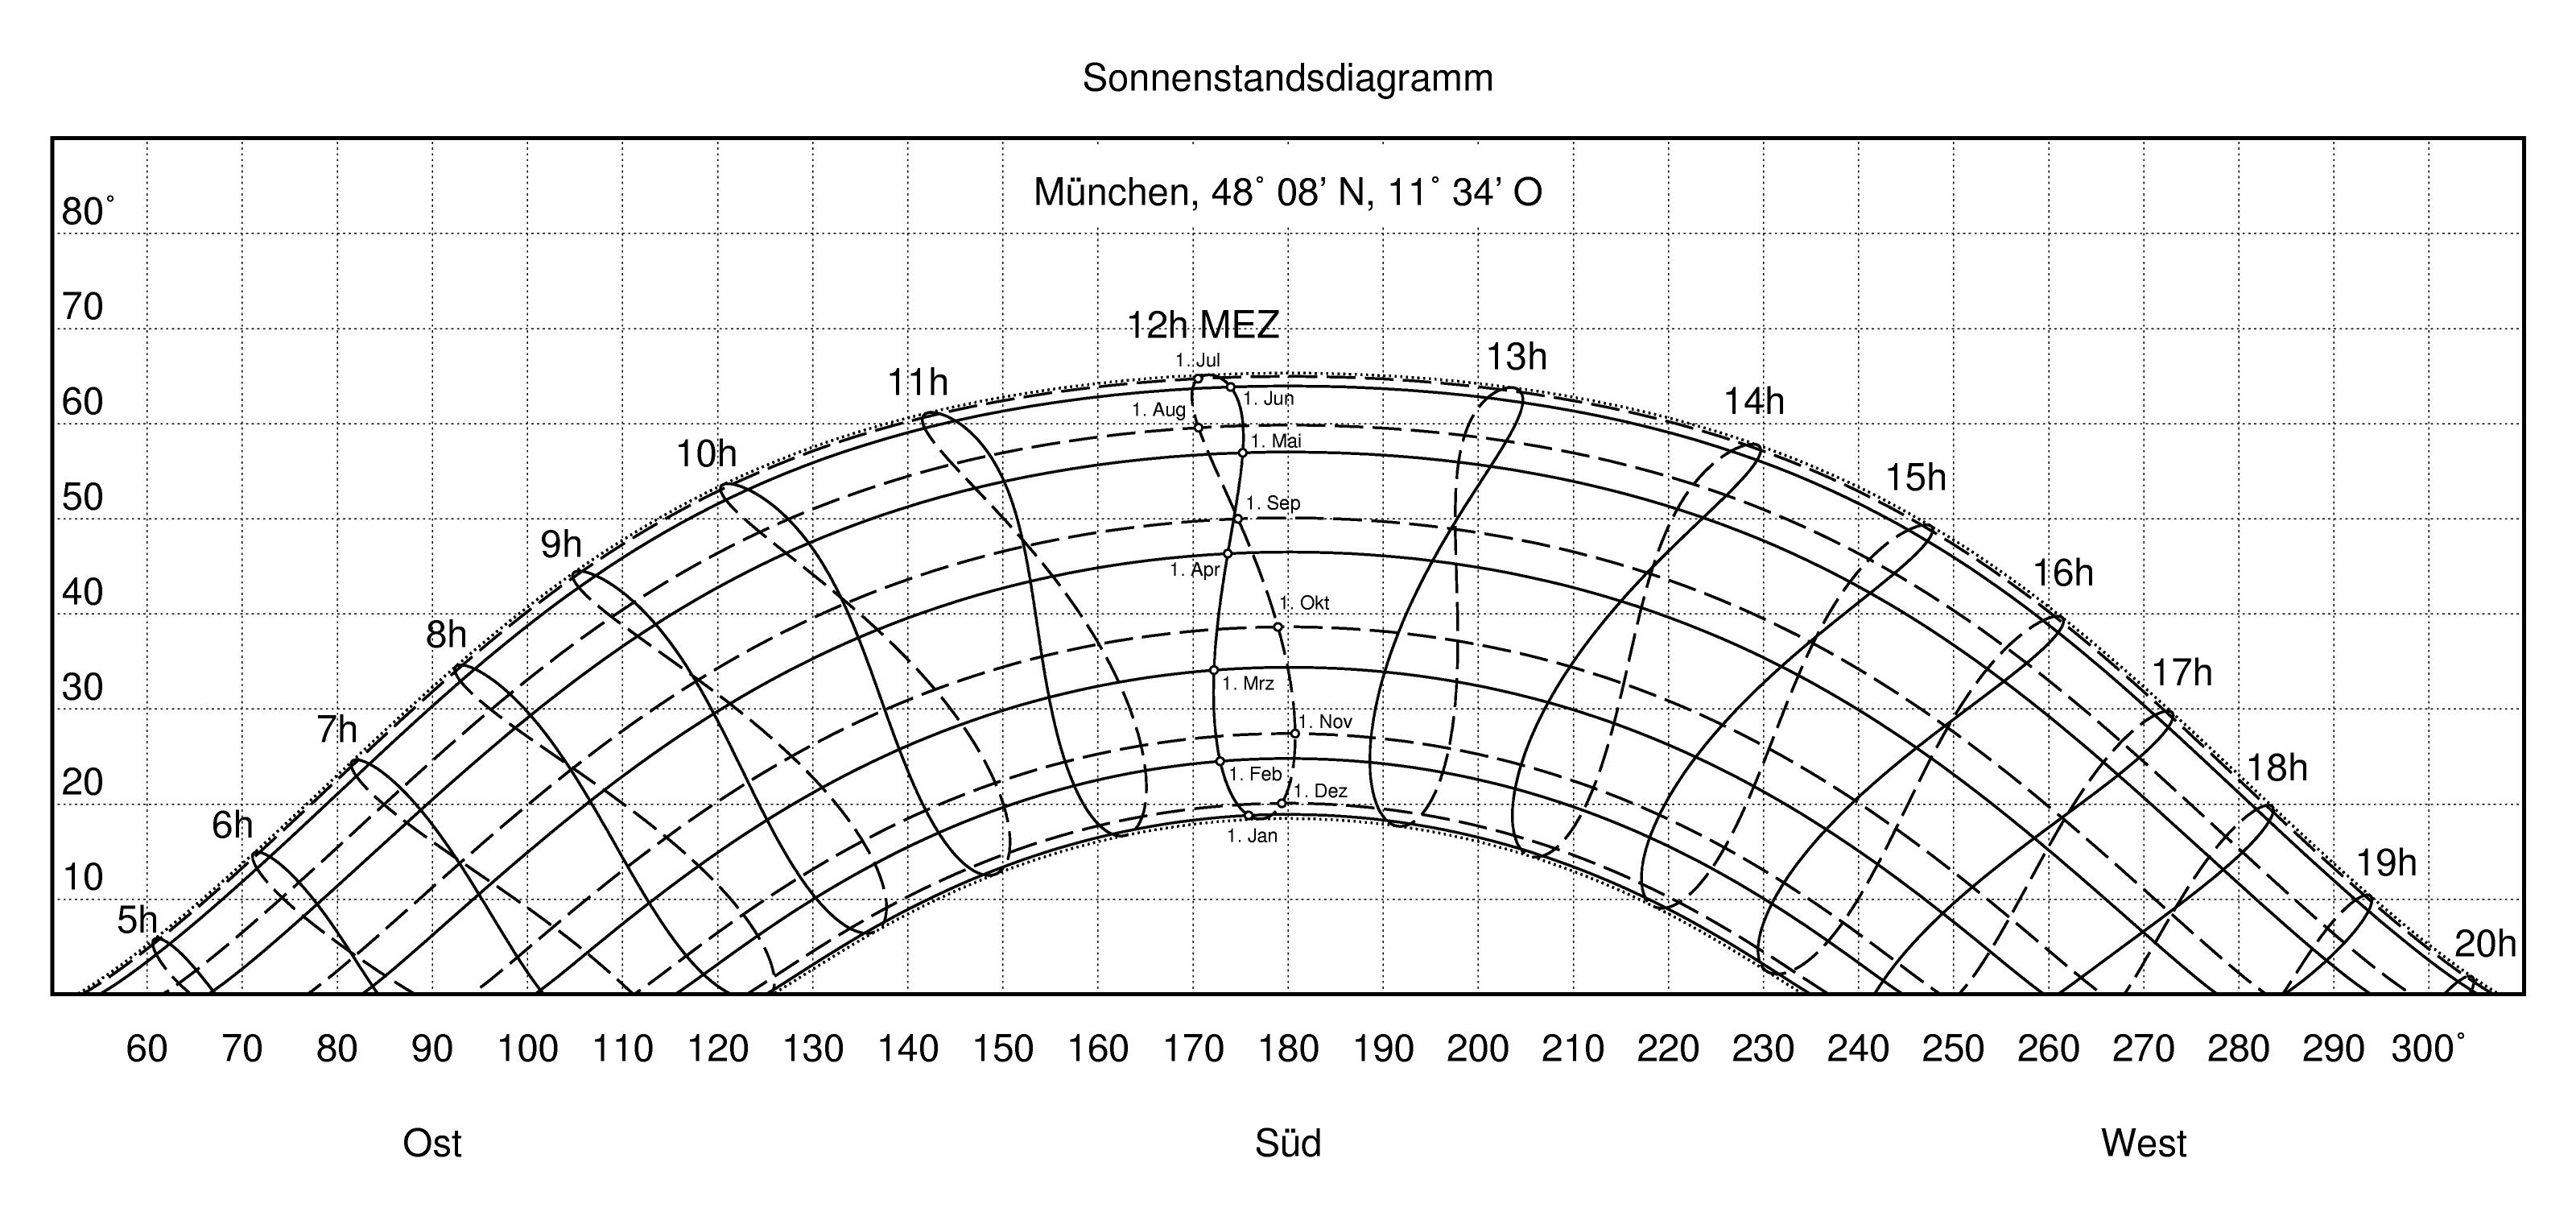 Datei Sonnenstandsdiagramm Muenchen 300dpi Wikipedia